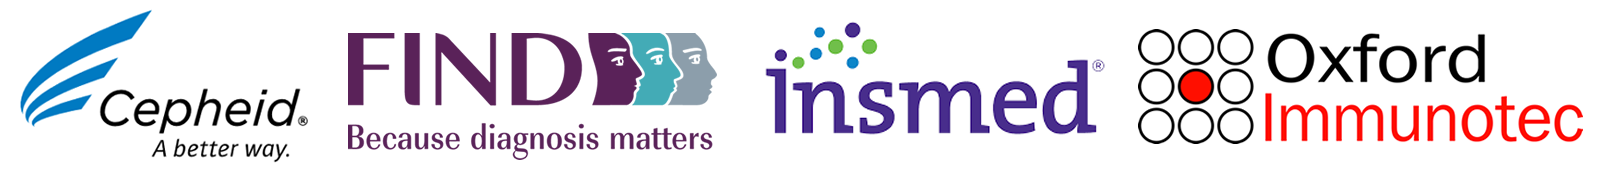 Sponsors: Cepheid, FIND, Insmed, Oxford Immunotec